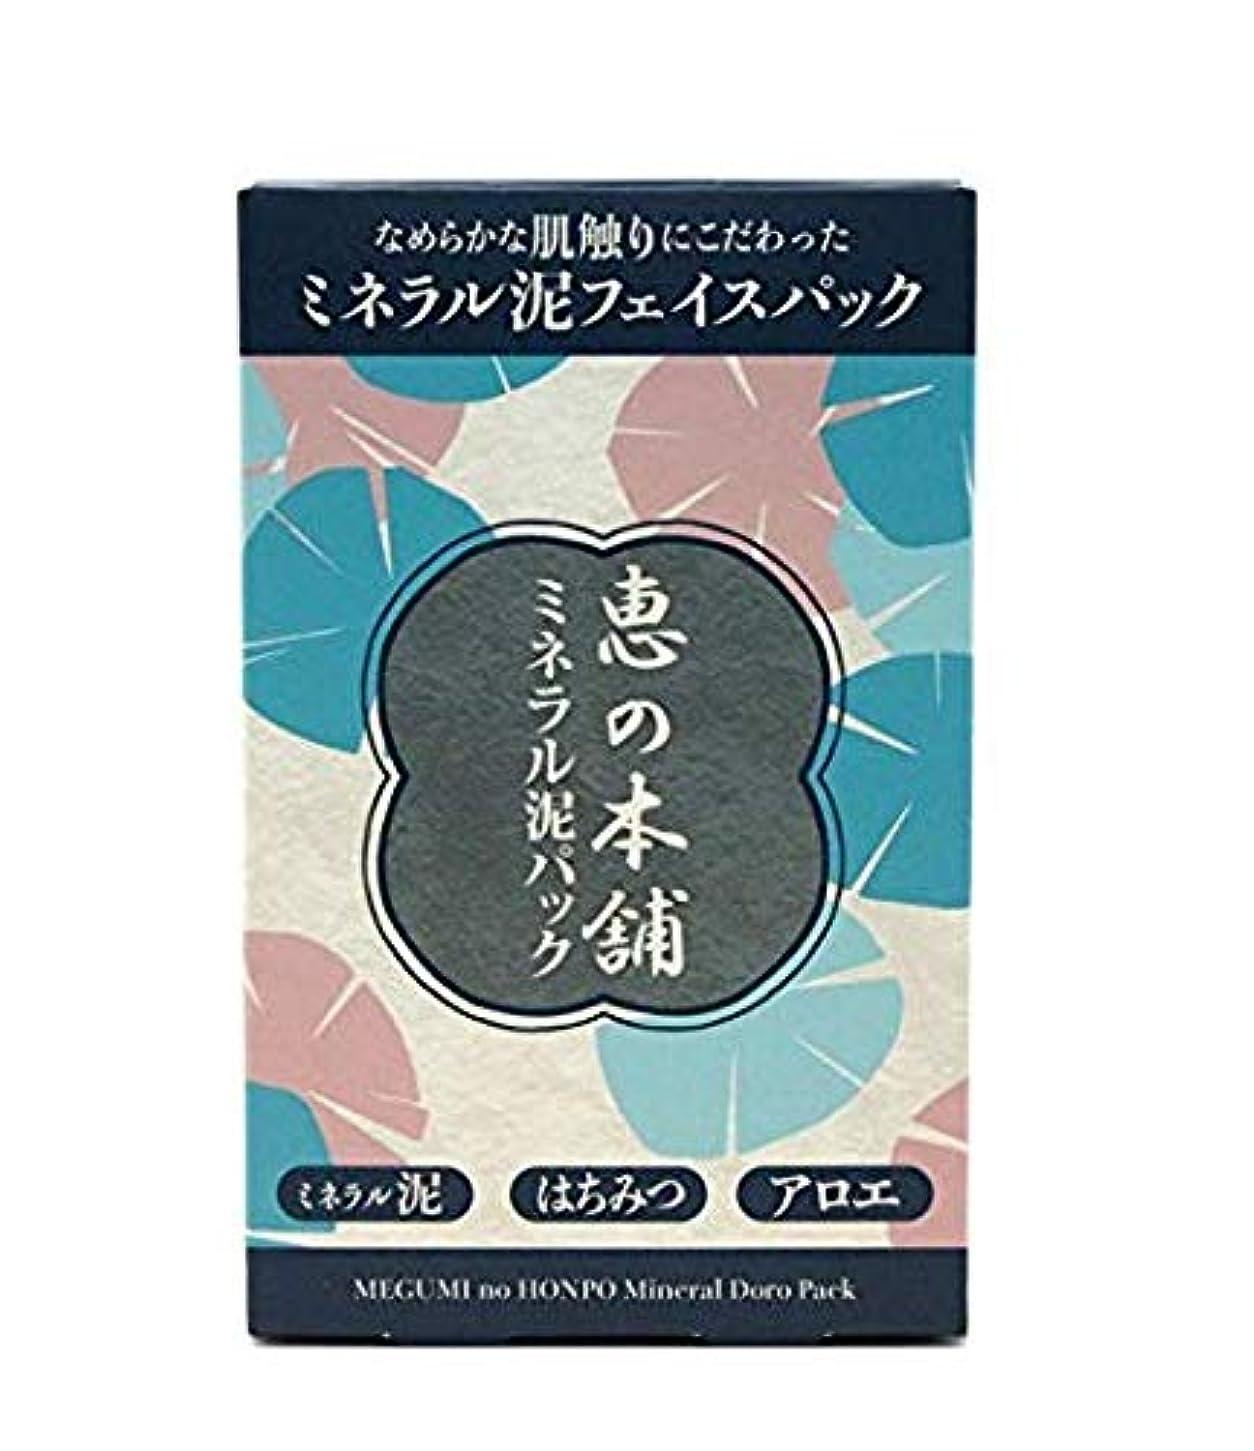 別々に固めるカプラー【2個セット】恵の本舗 ミネラル泥パック 100g